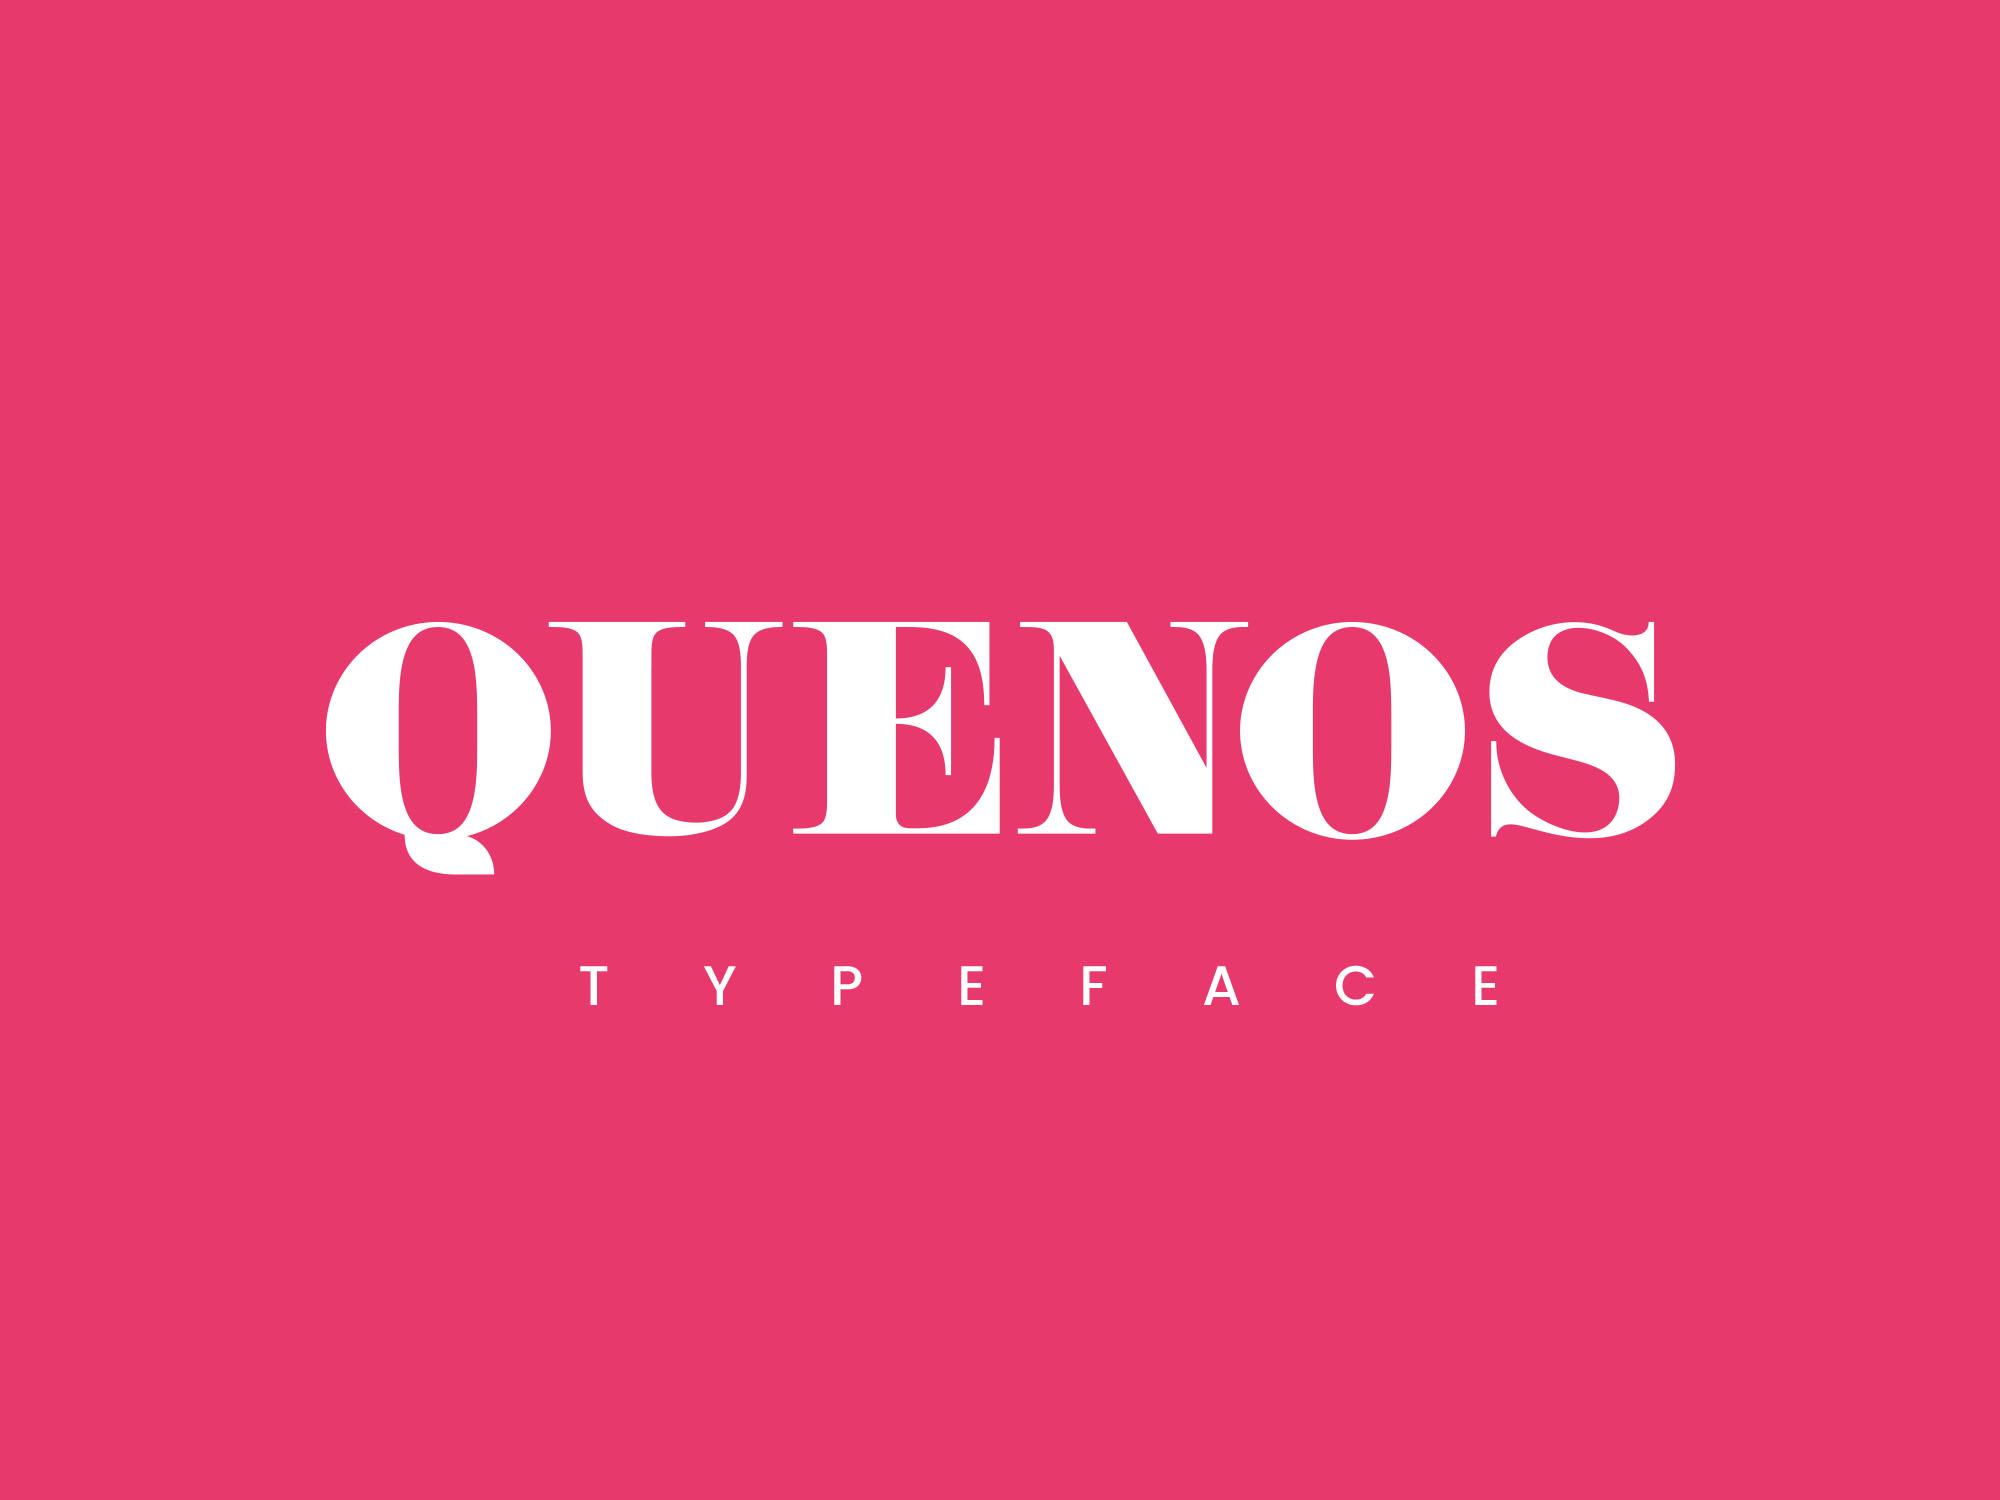 Quenos Typeface